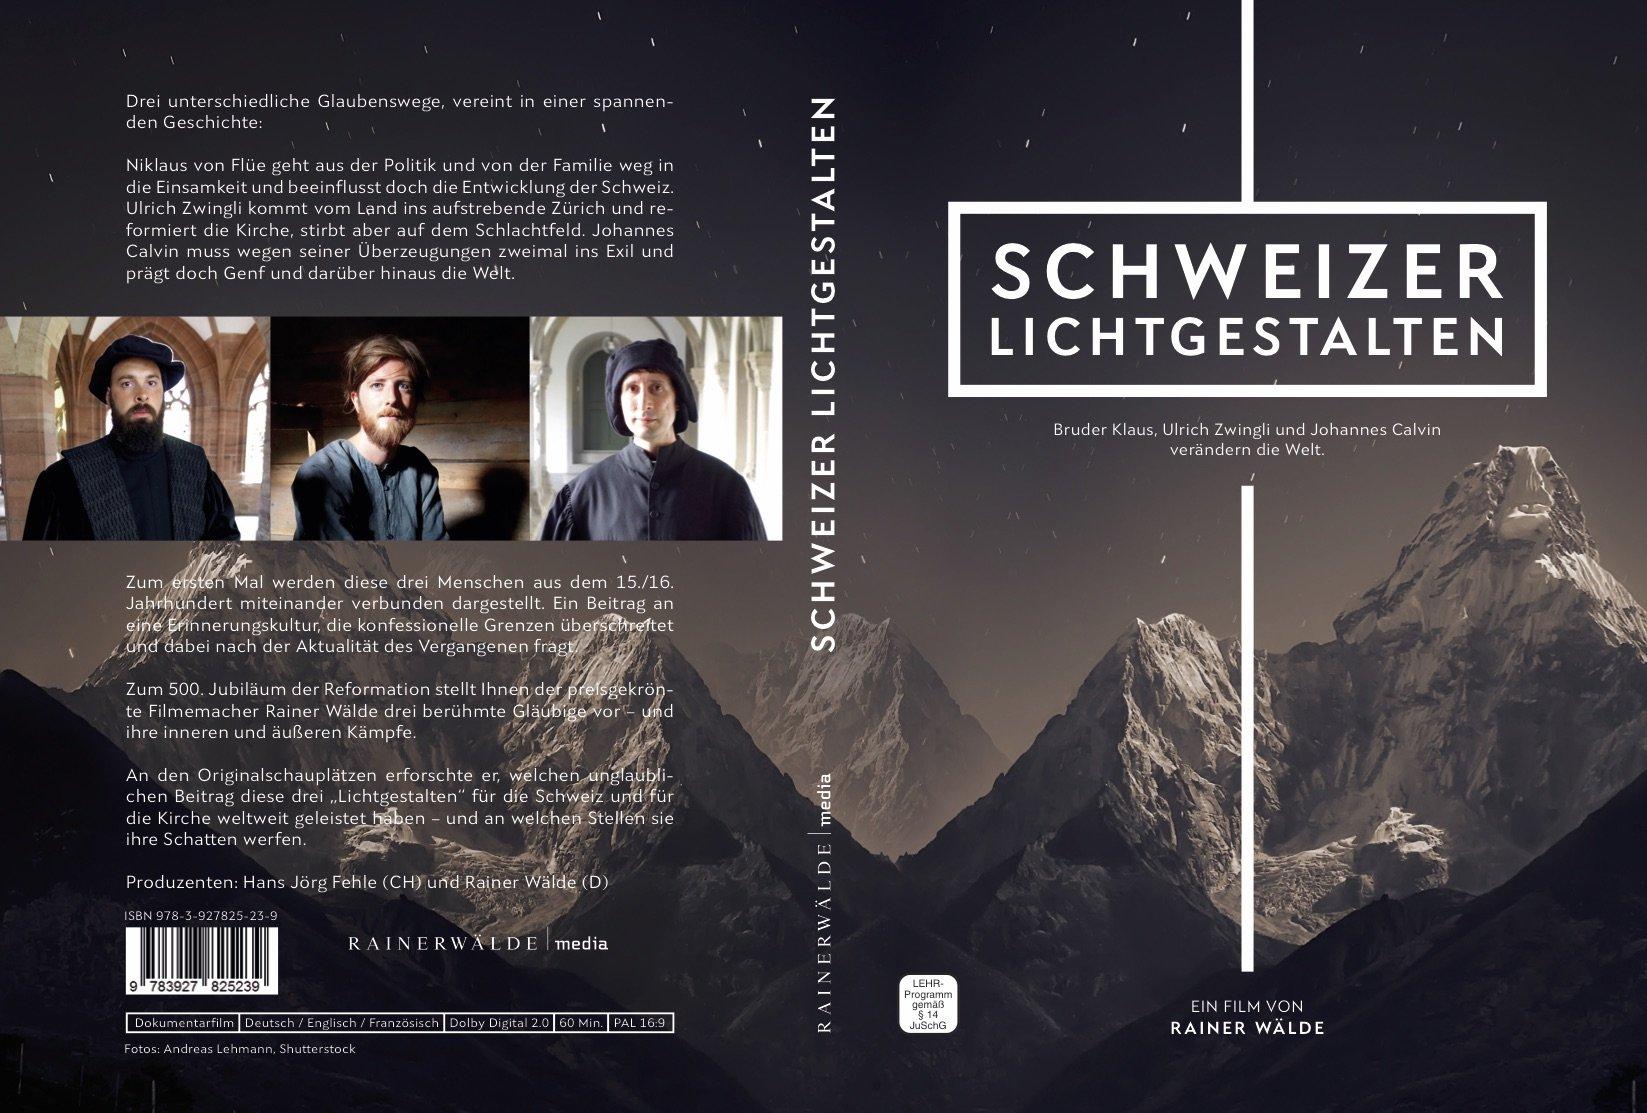 978-3-927825-23-9_cover_inlaycard_aussen_deutsch